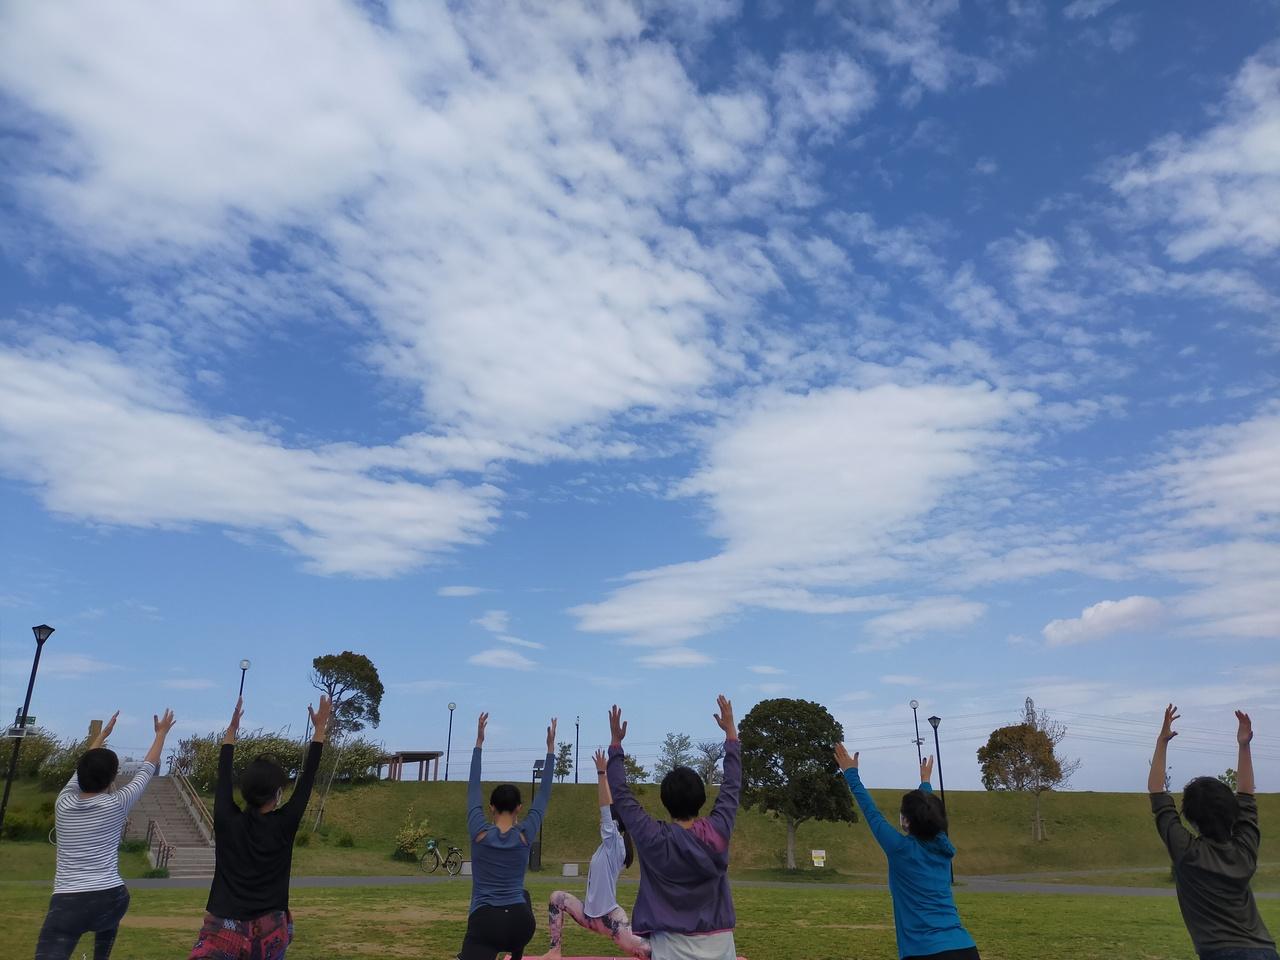 5/15ちはら台公園パークヨガ『Happy Power Yoga』Chiaki